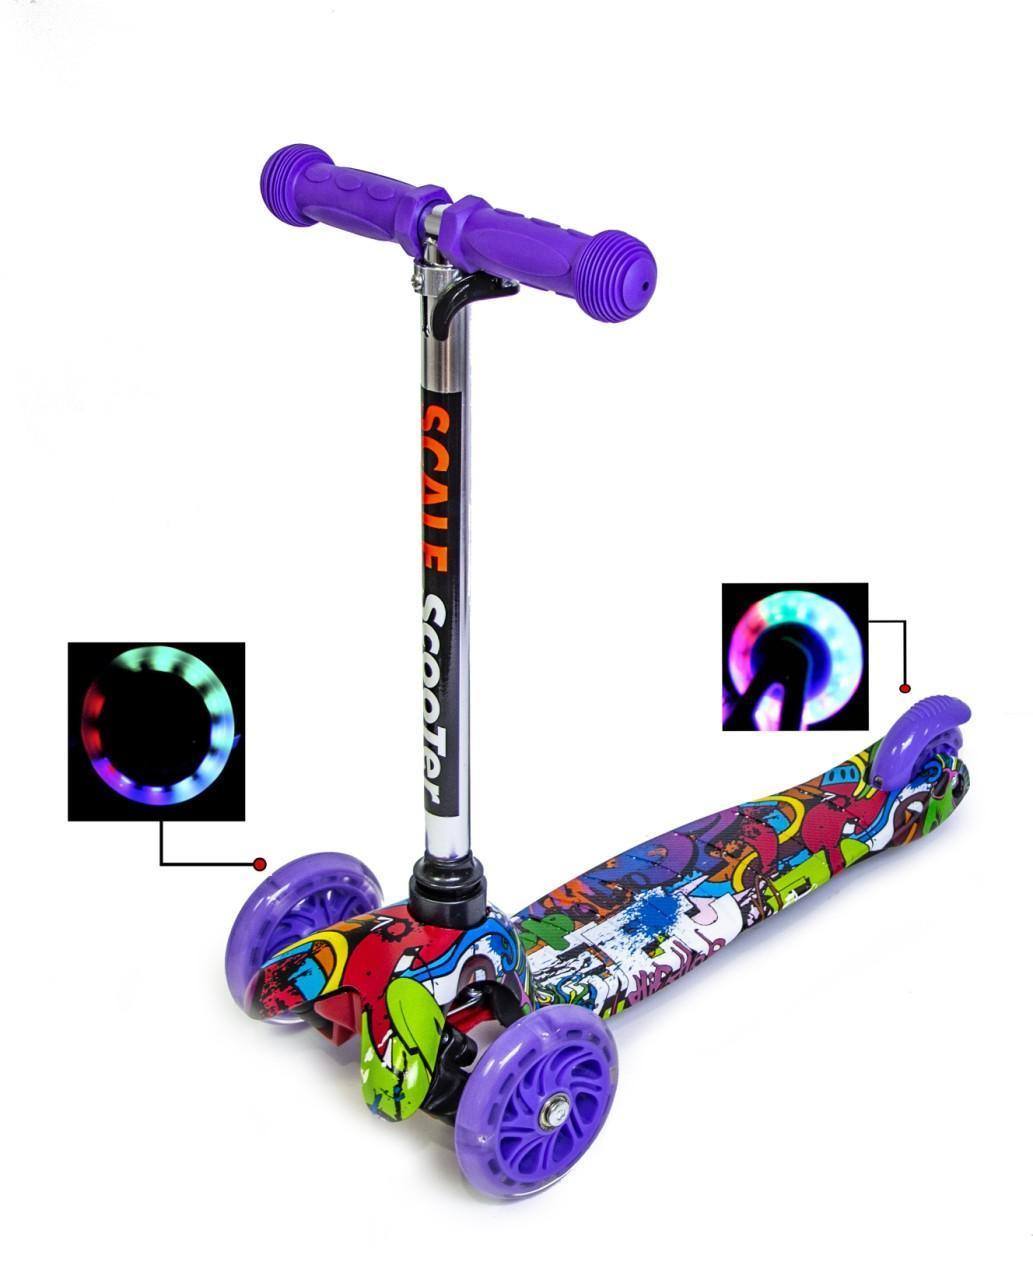 Детский 3 х колесный Самокат Scooter Mini Светящиеся колеса Хип-хоп (от 2 лет, до 35 кг)